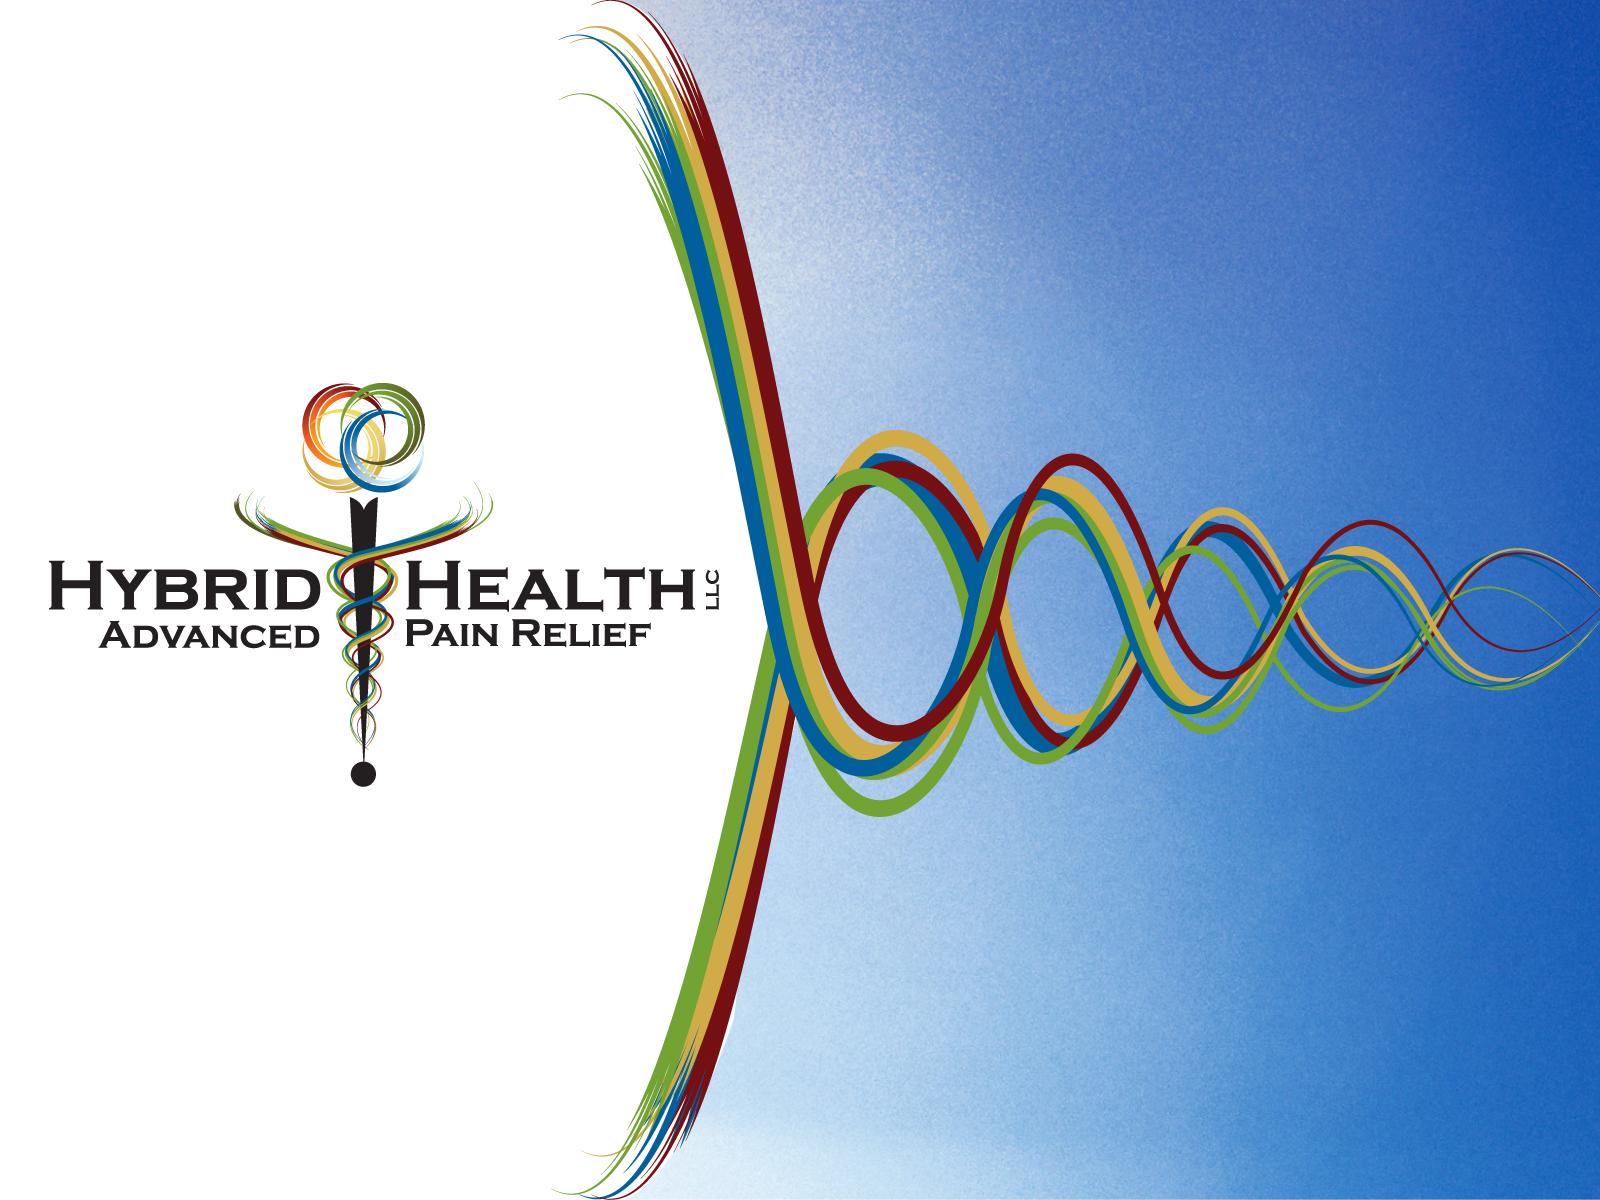 Hybrid Health